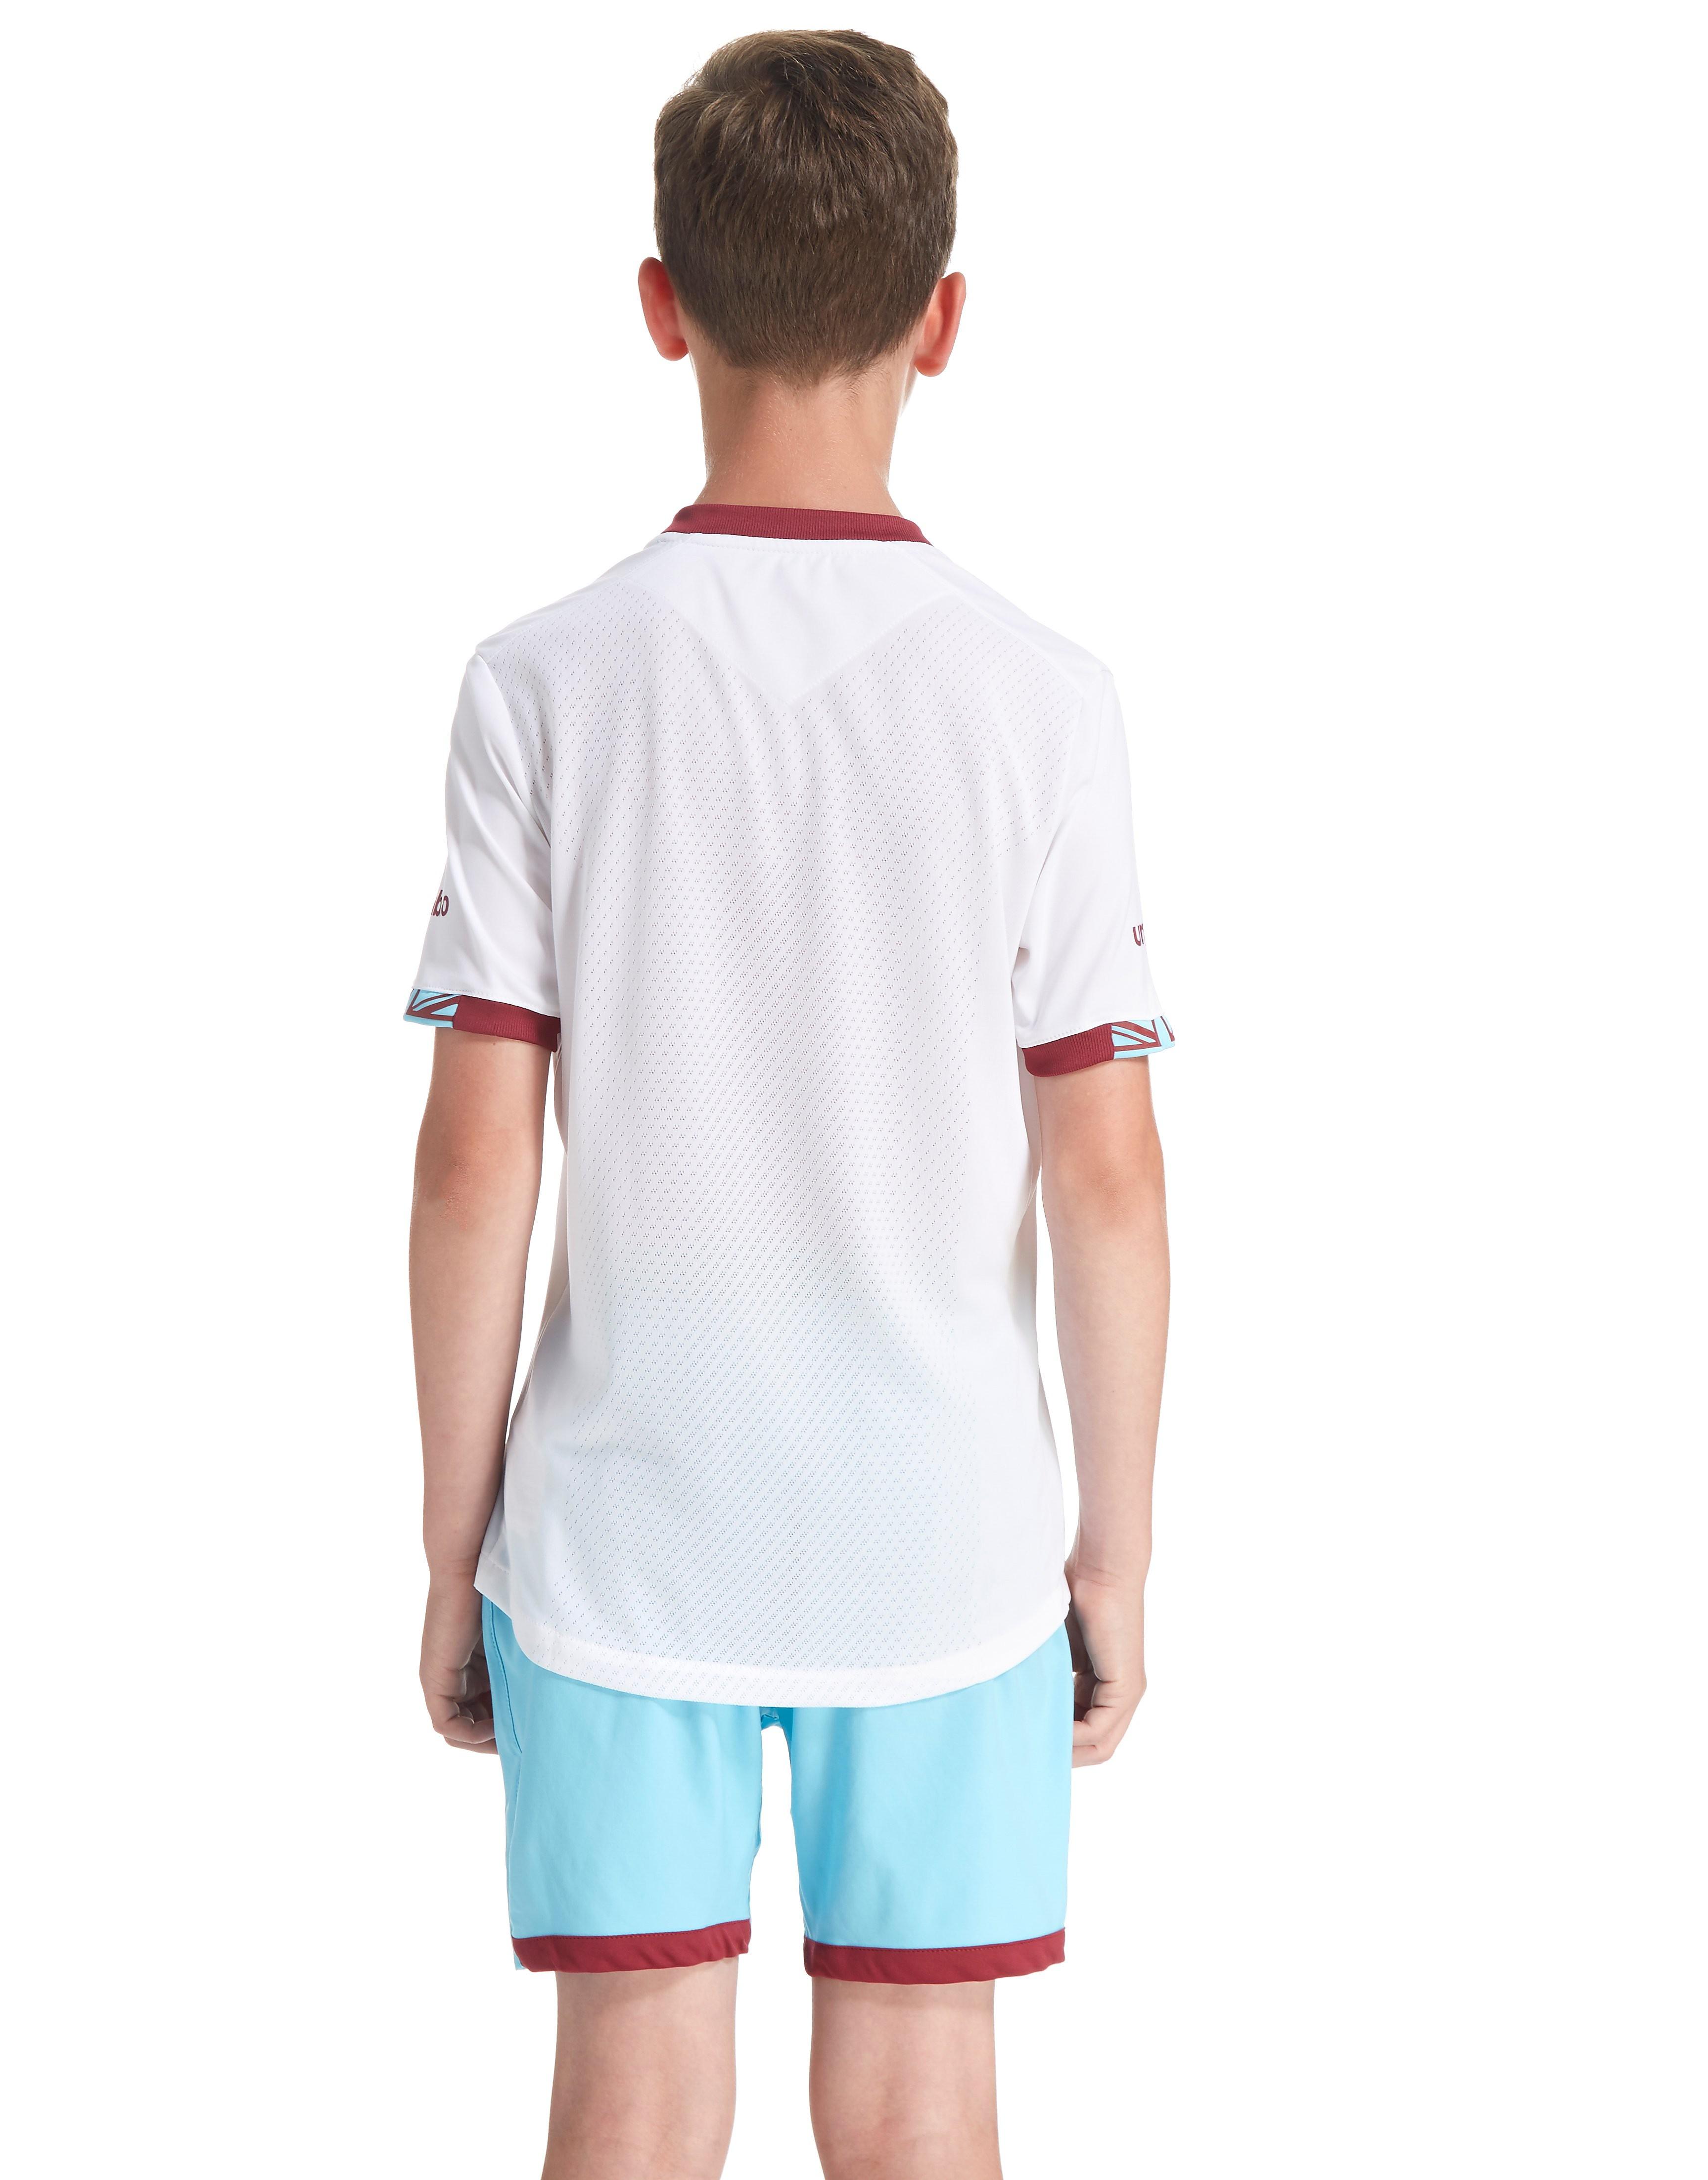 Umbro West Ham United 2016/17 Away Shirt Junior